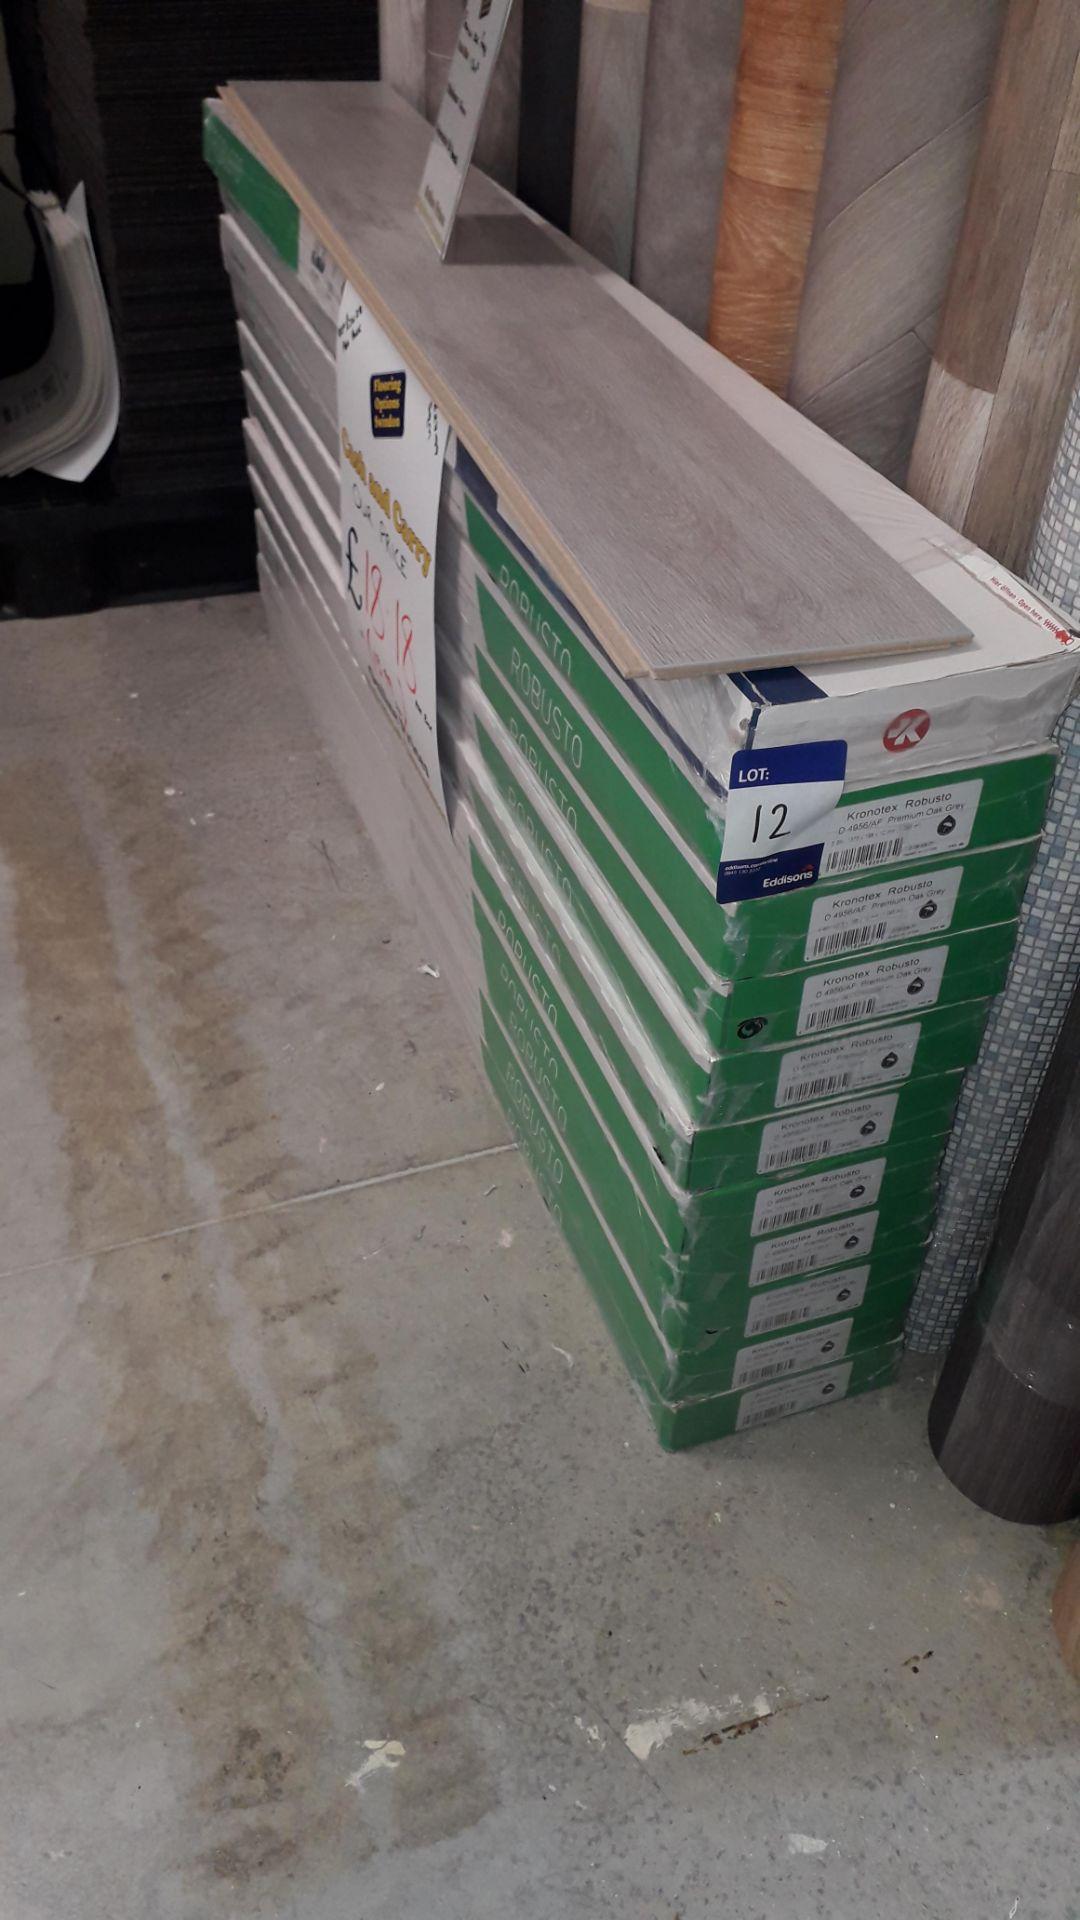 Lot 12 - 11 Packs of Krontex Robusto 12mm Premium Oak Grey Laminate Flooring 1.29m² Per Pack